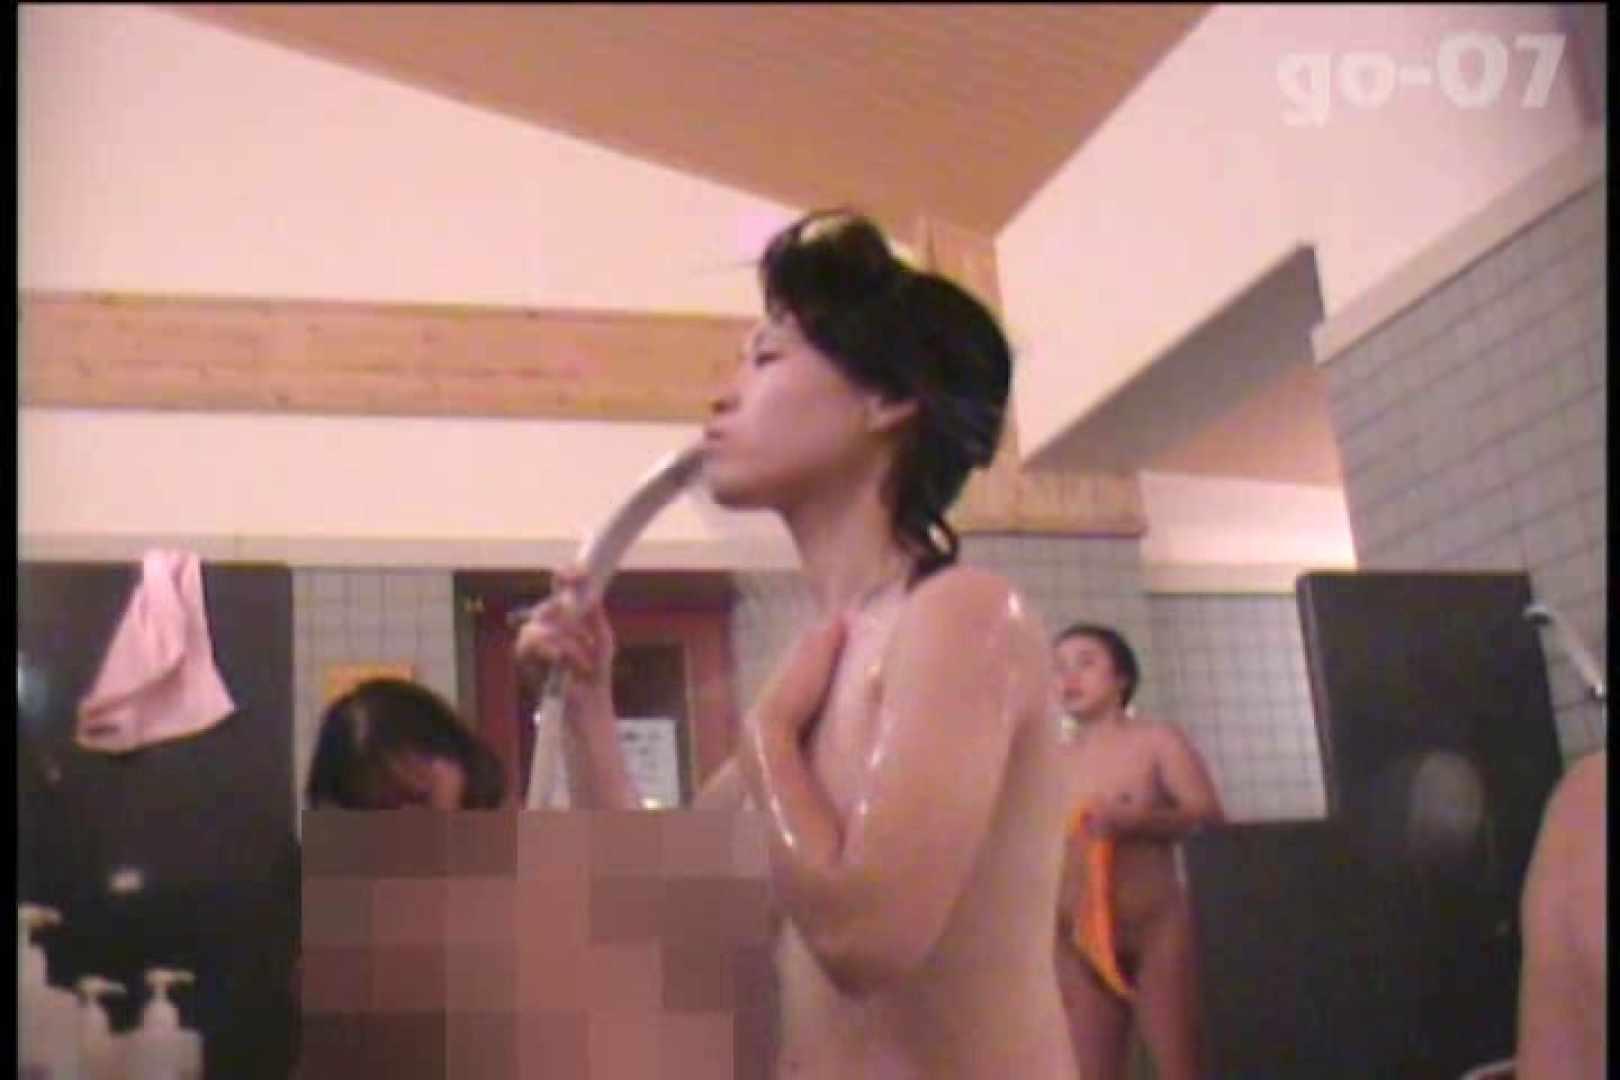 厳選潜入女風呂 No.07 潜入 盗撮動画紹介 103枚 83